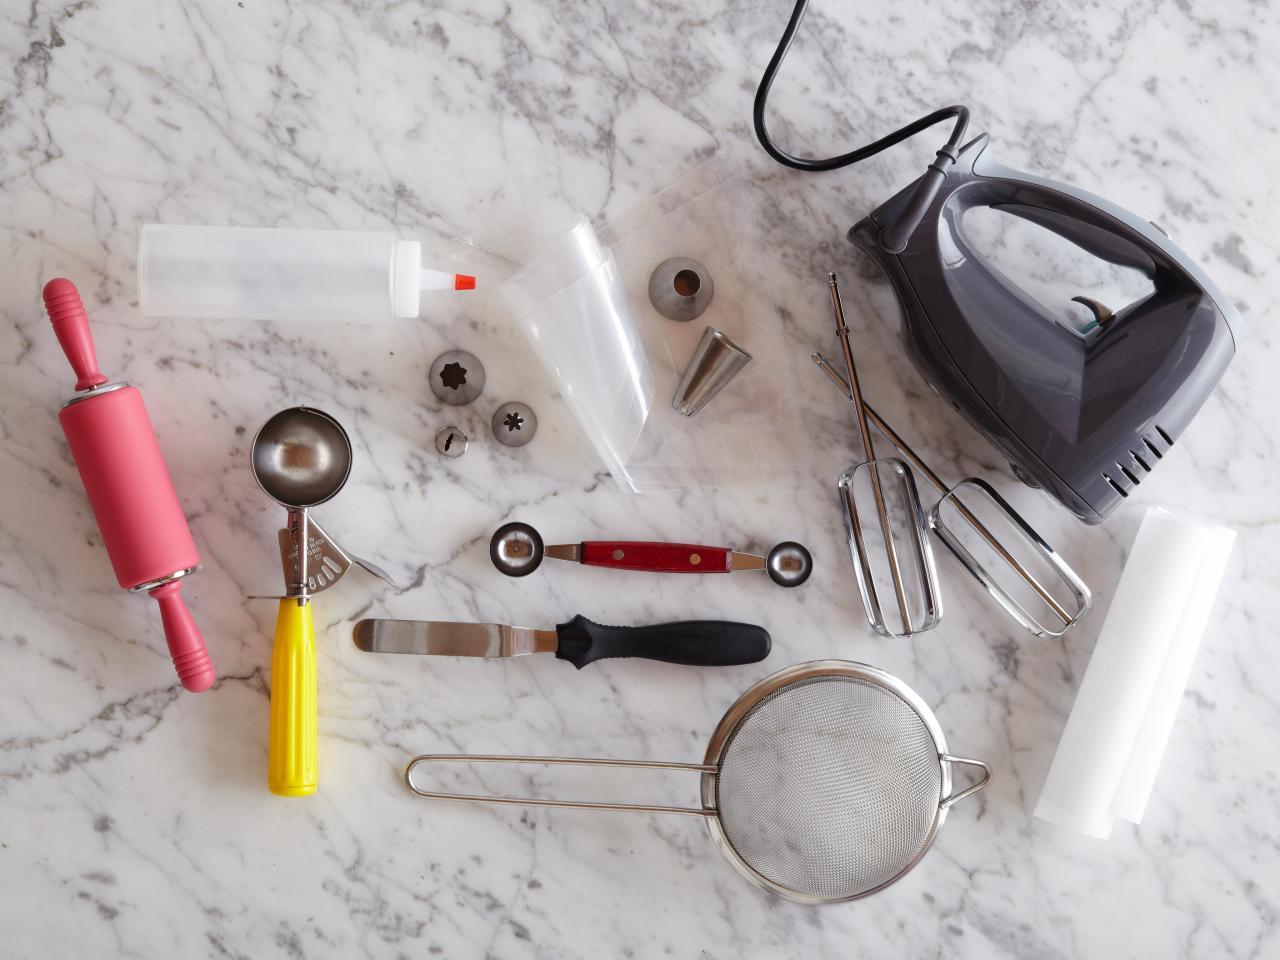 herramientas para hacer cup cakes como profesional